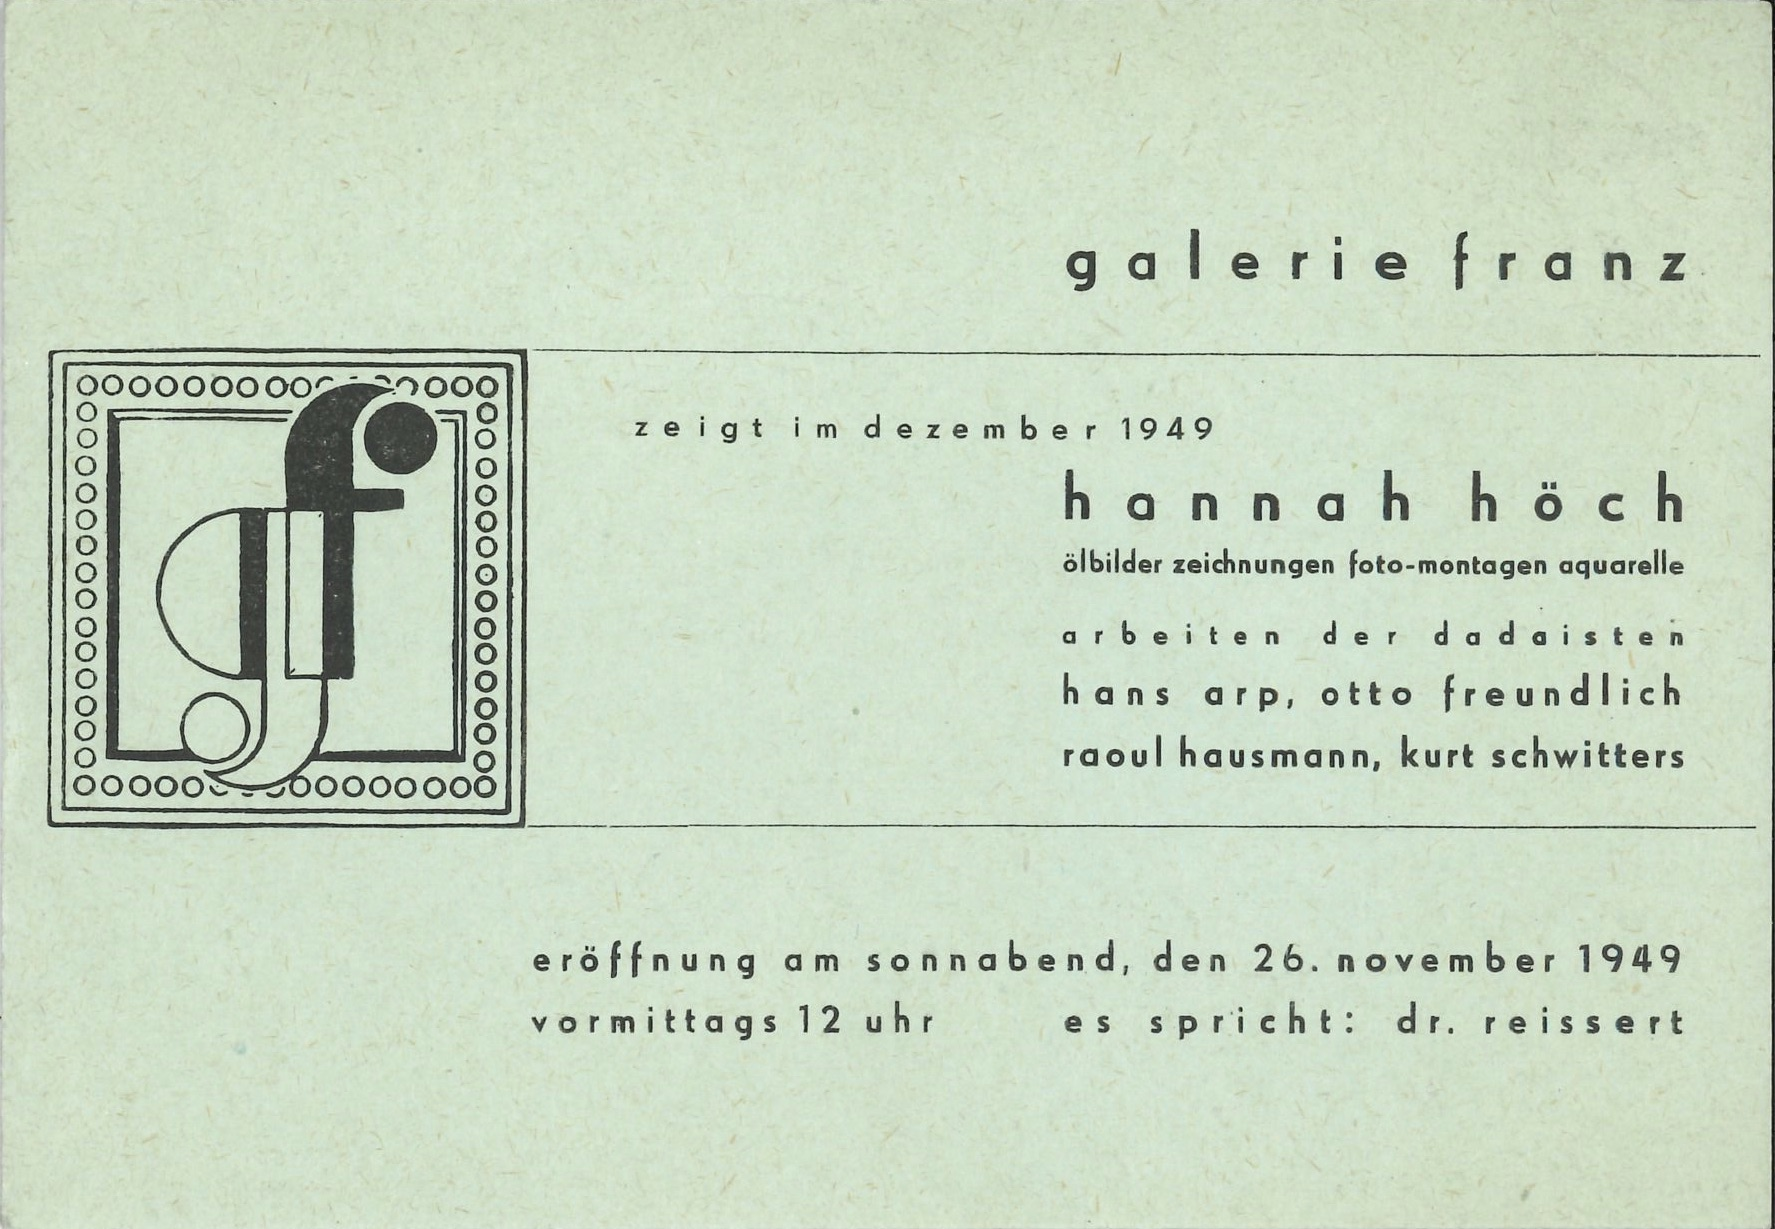 Hanna Höch, Galerie Franz, Berlin, Hanna Höch, 1949 © Archiv der Avantgarden, Staatliche Kunstsammlungen Dresden